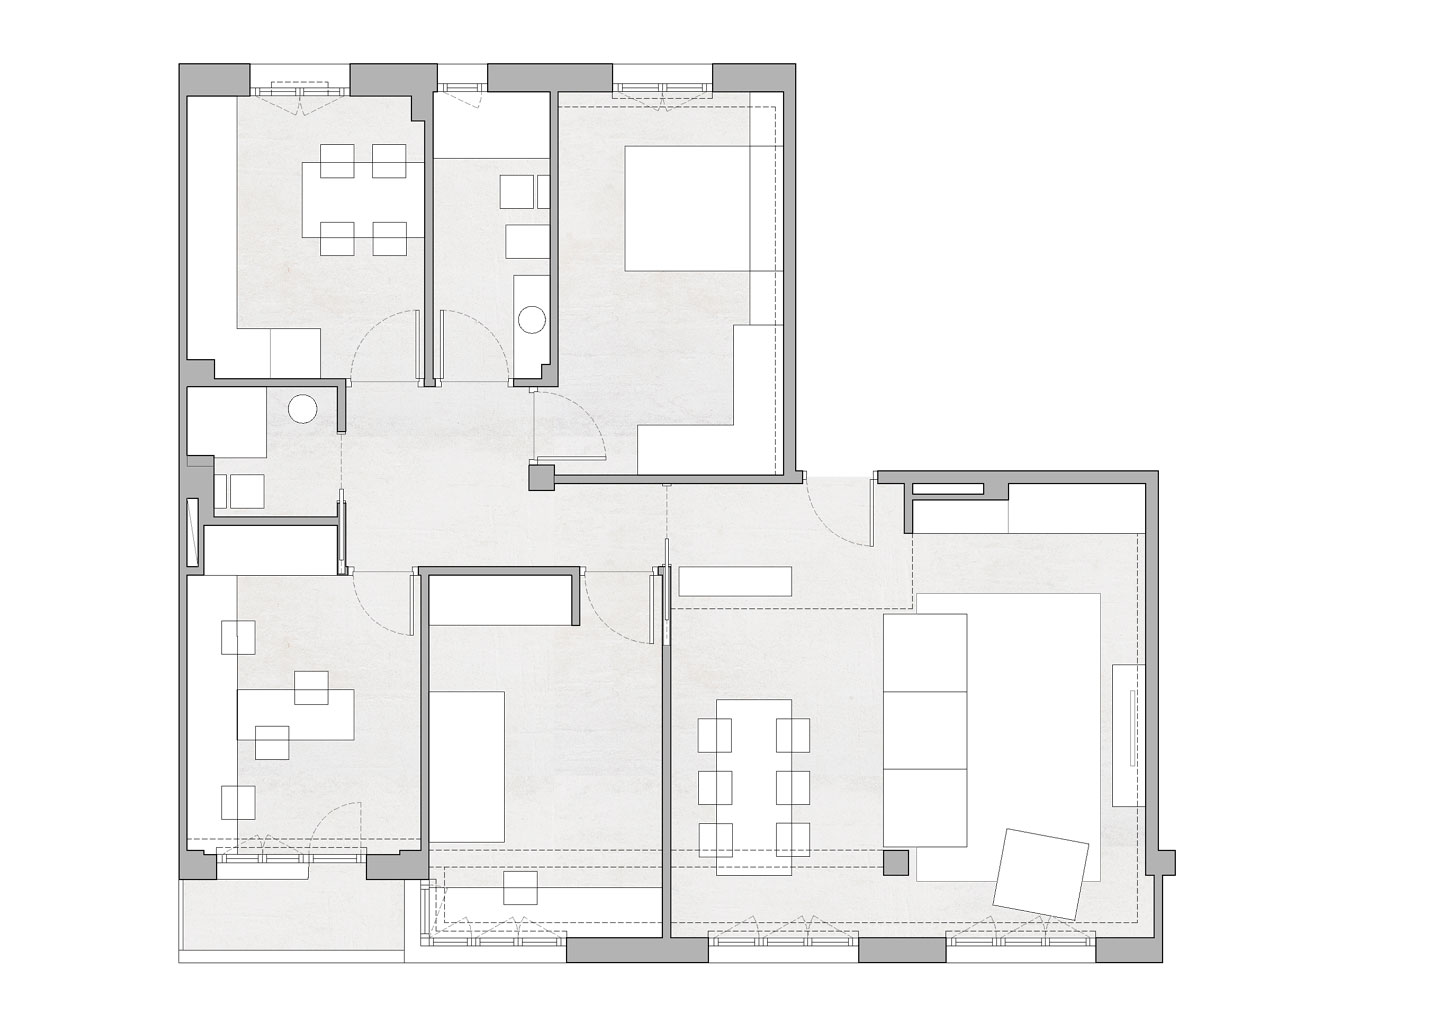 pisua berritzeko arkitektoaren planoa